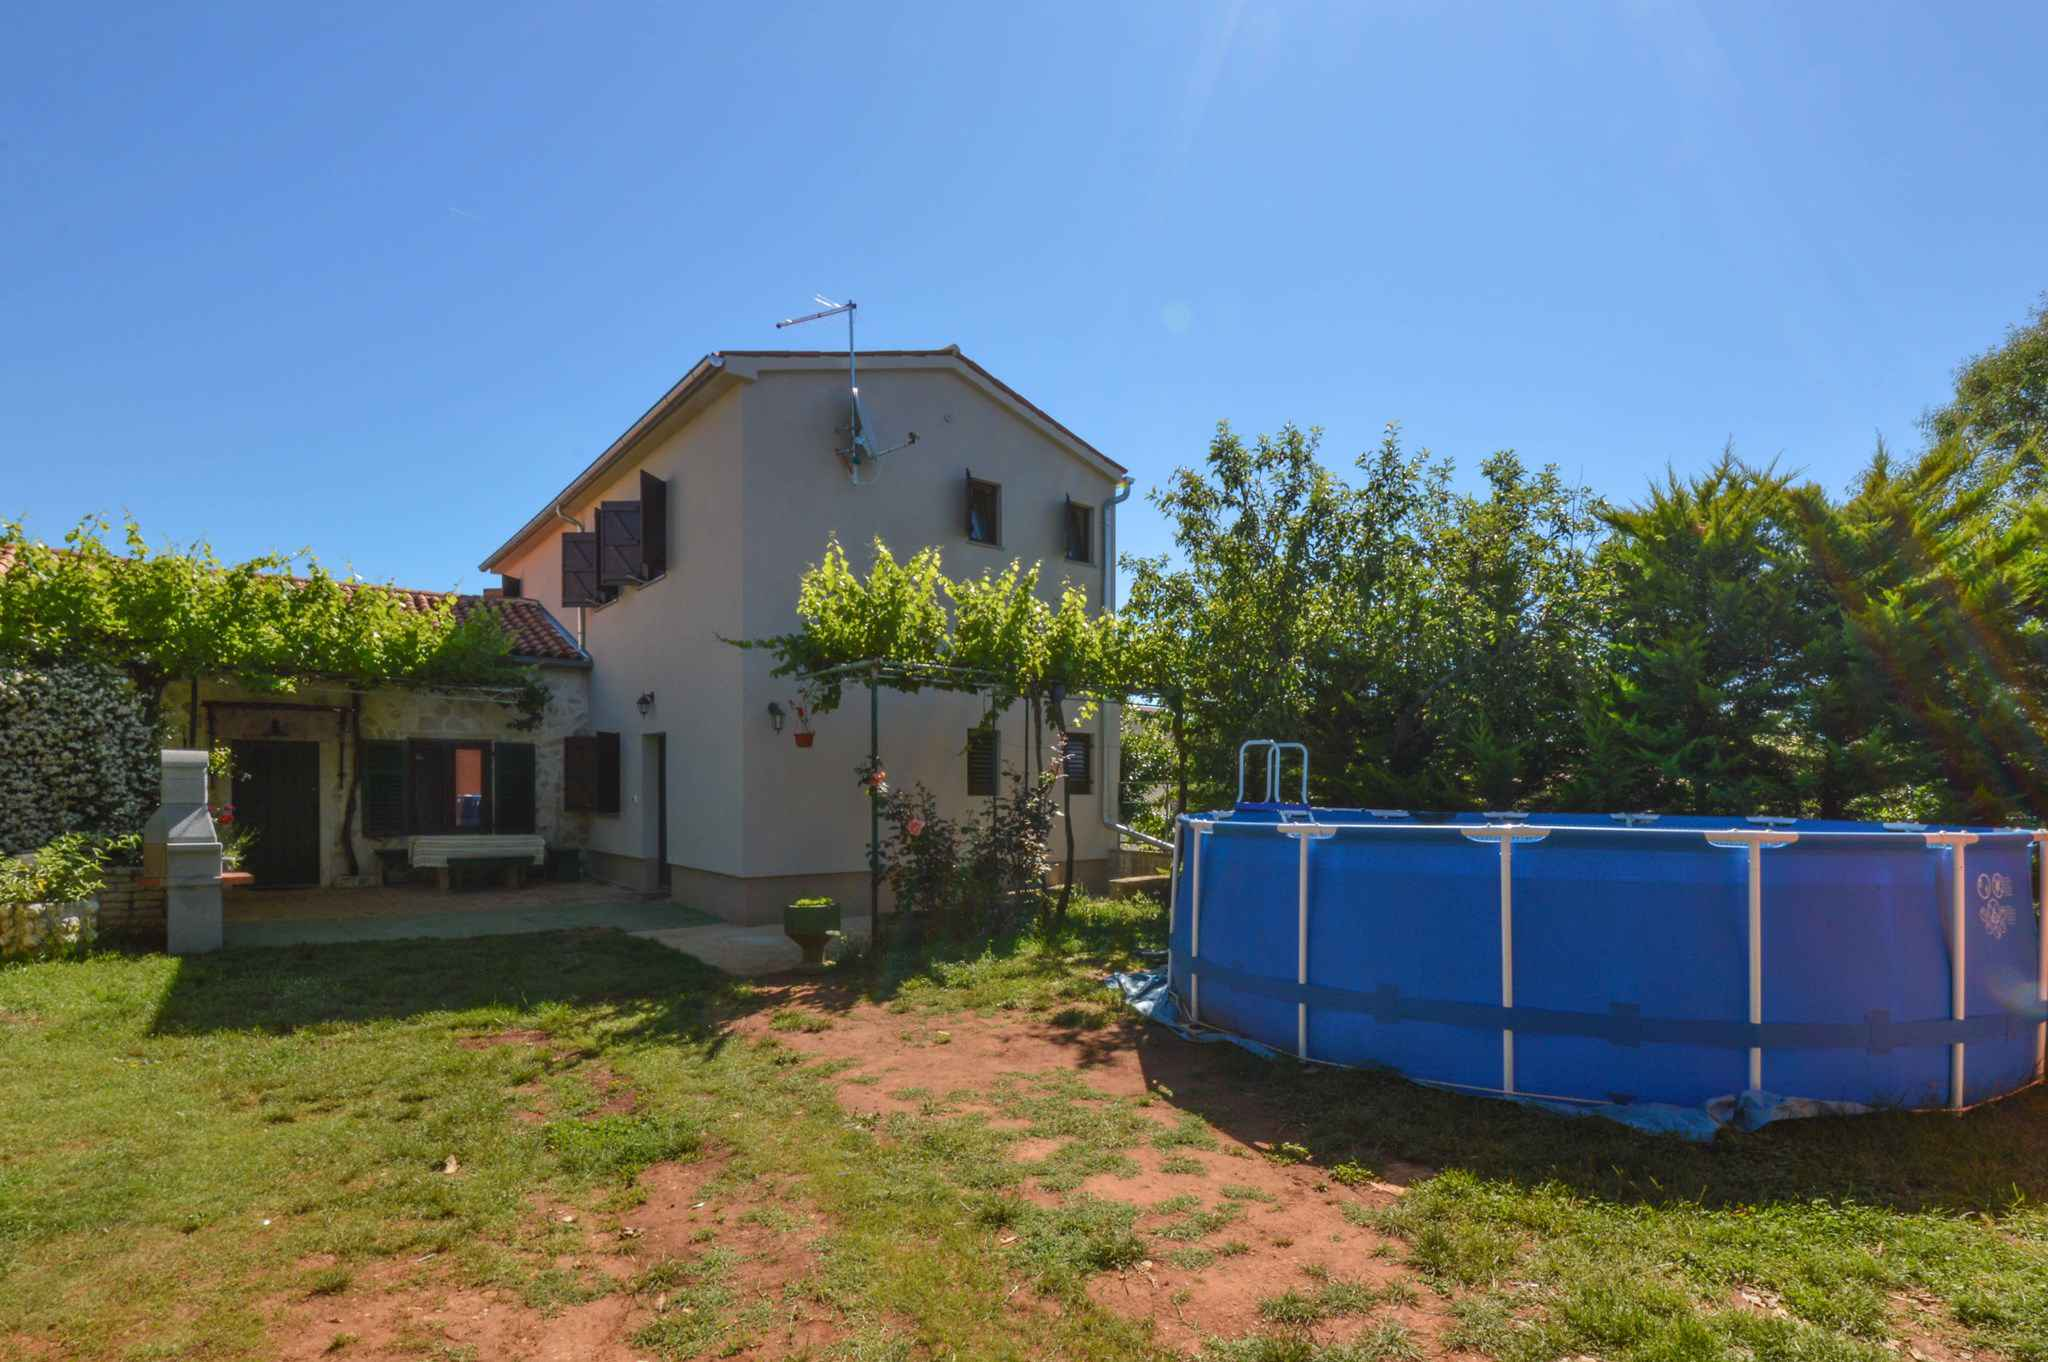 Ferienhaus mit Garten (470324), Marcana, , Istrien, Kroatien, Bild 5